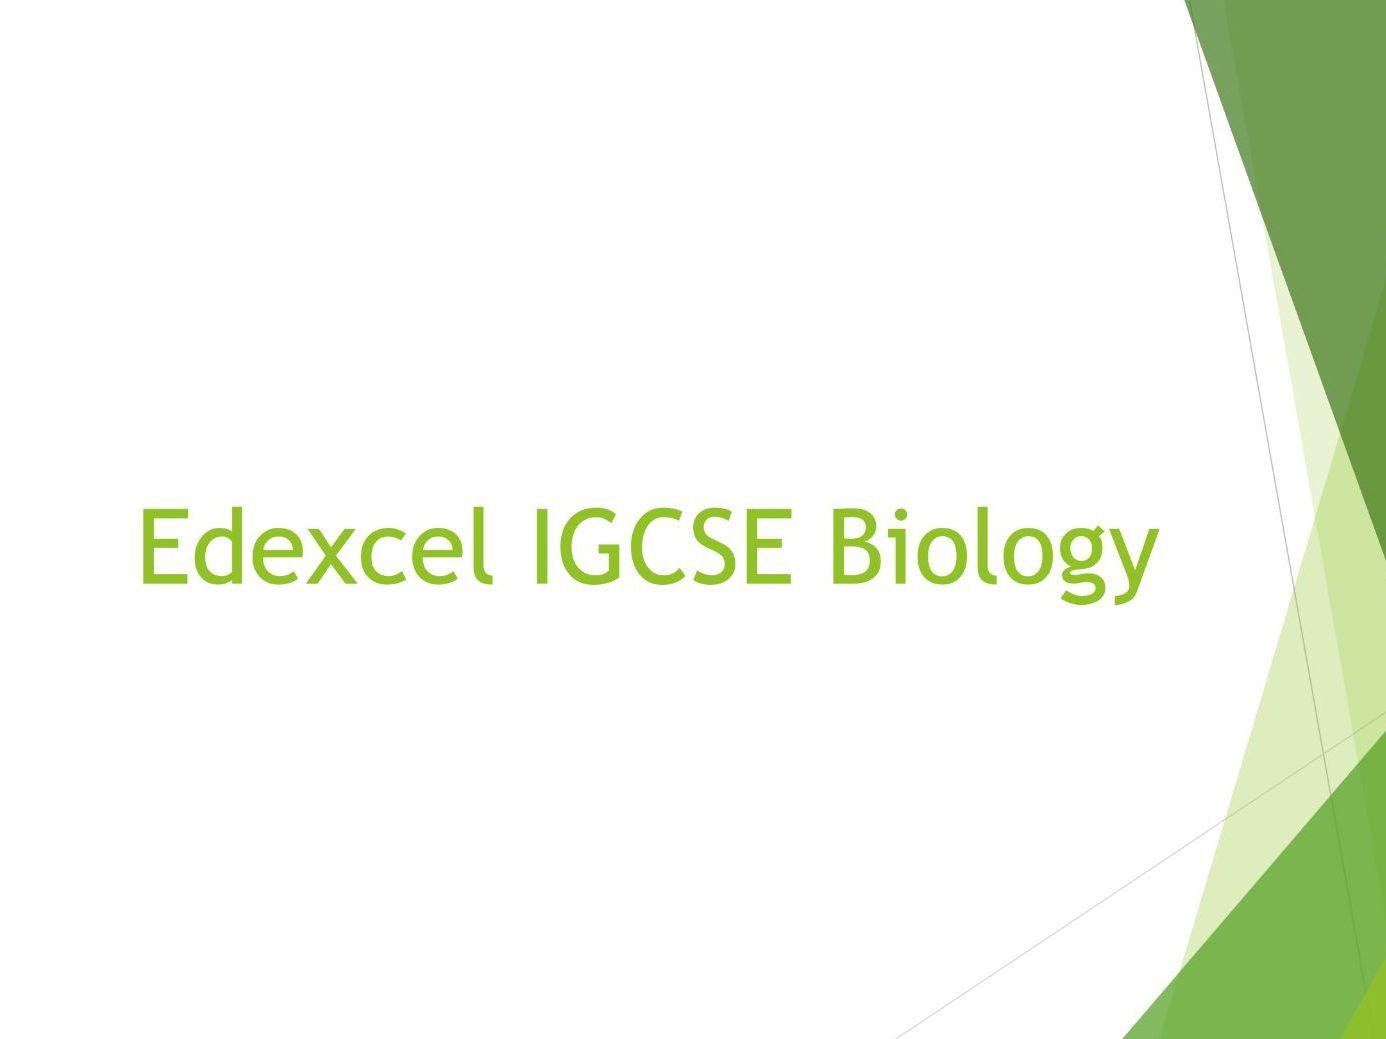 Biology Edexcel IGCSE PowerPoints - All units